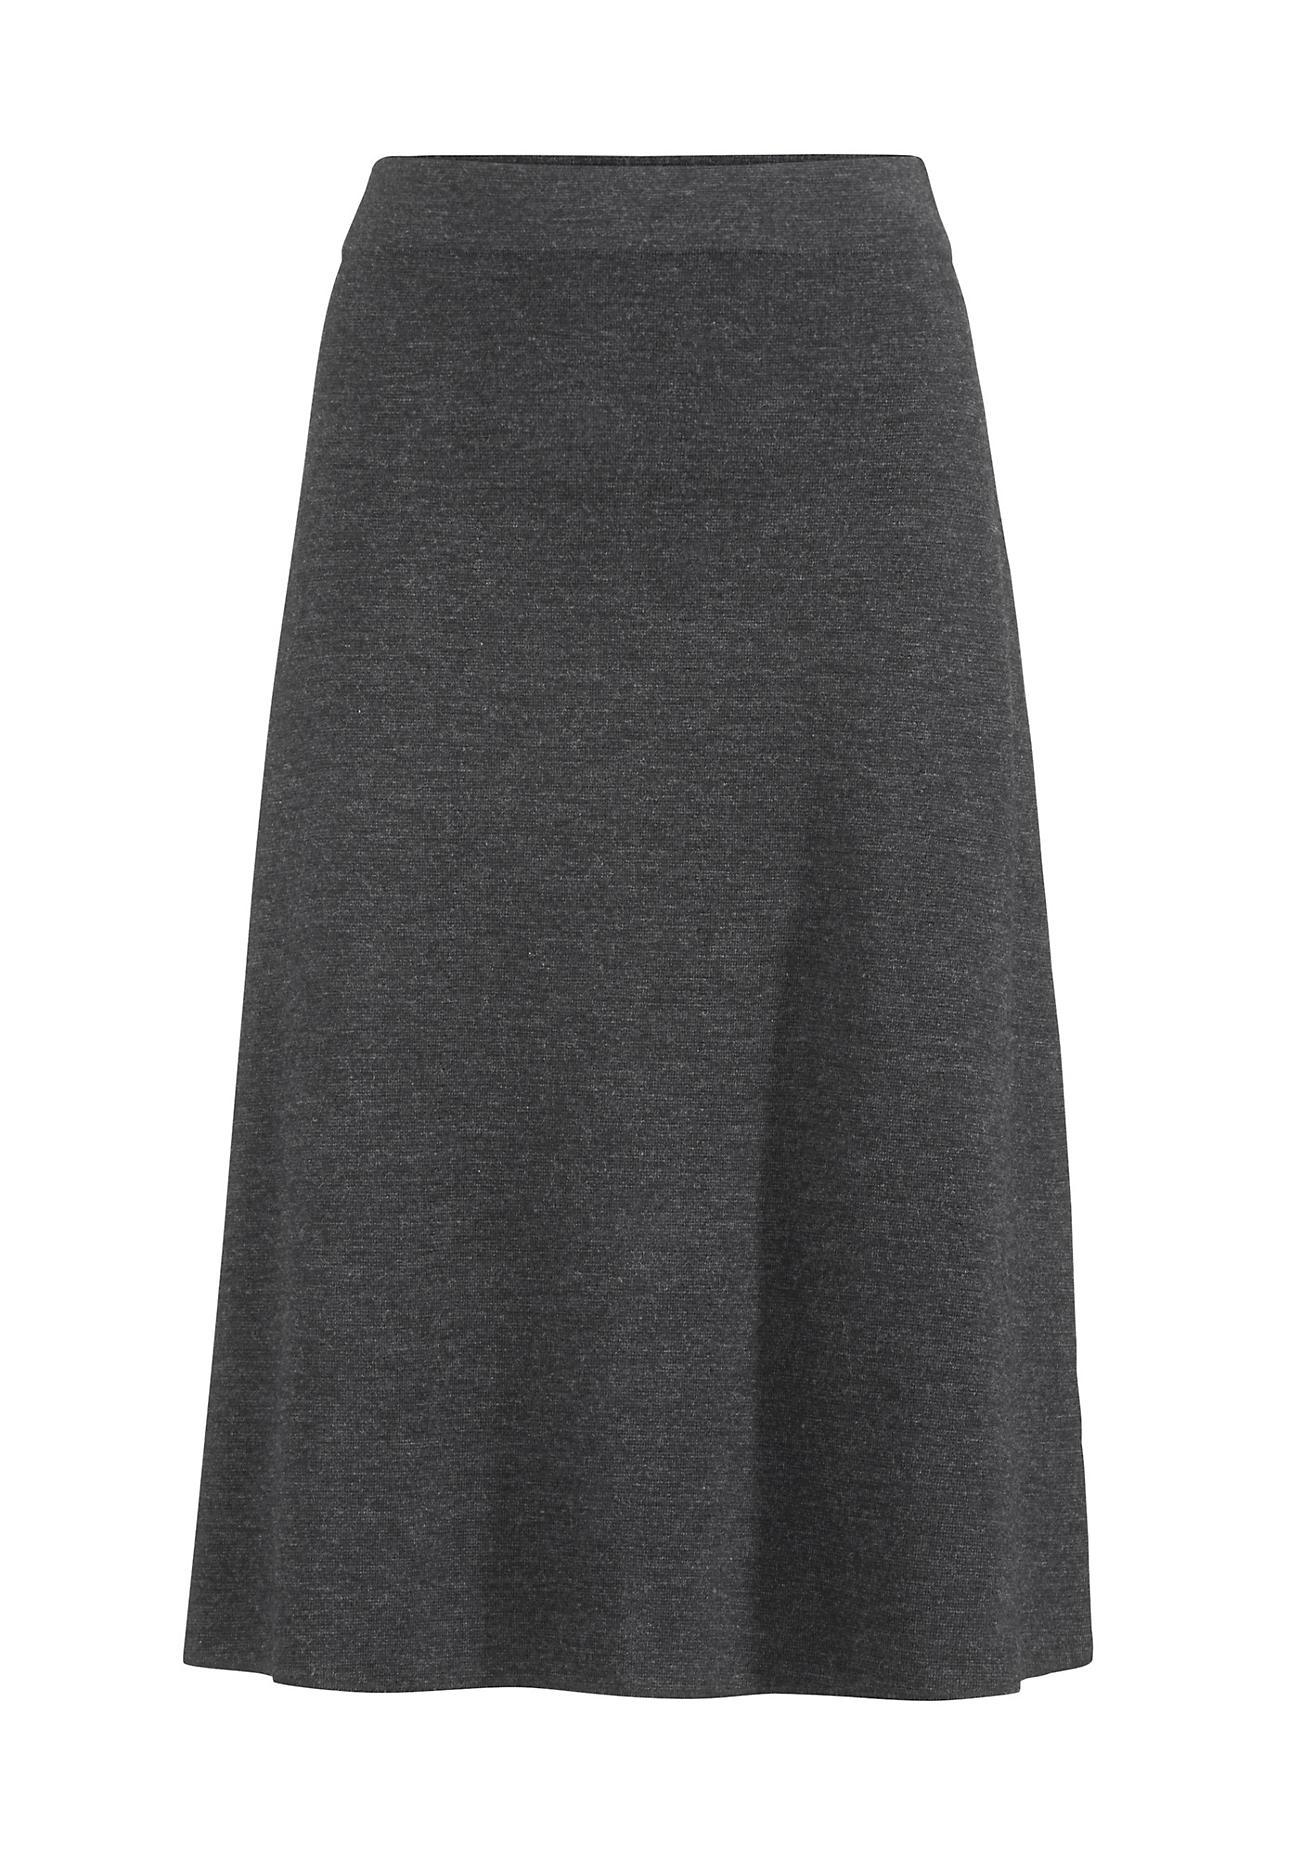 hessnatur Damen Strickrock aus Bio-Schurwolle – grau – Größe 44 | Bekleidung > Röcke > Strickröcke | Anthrazit | Schurwolle | hessnatur